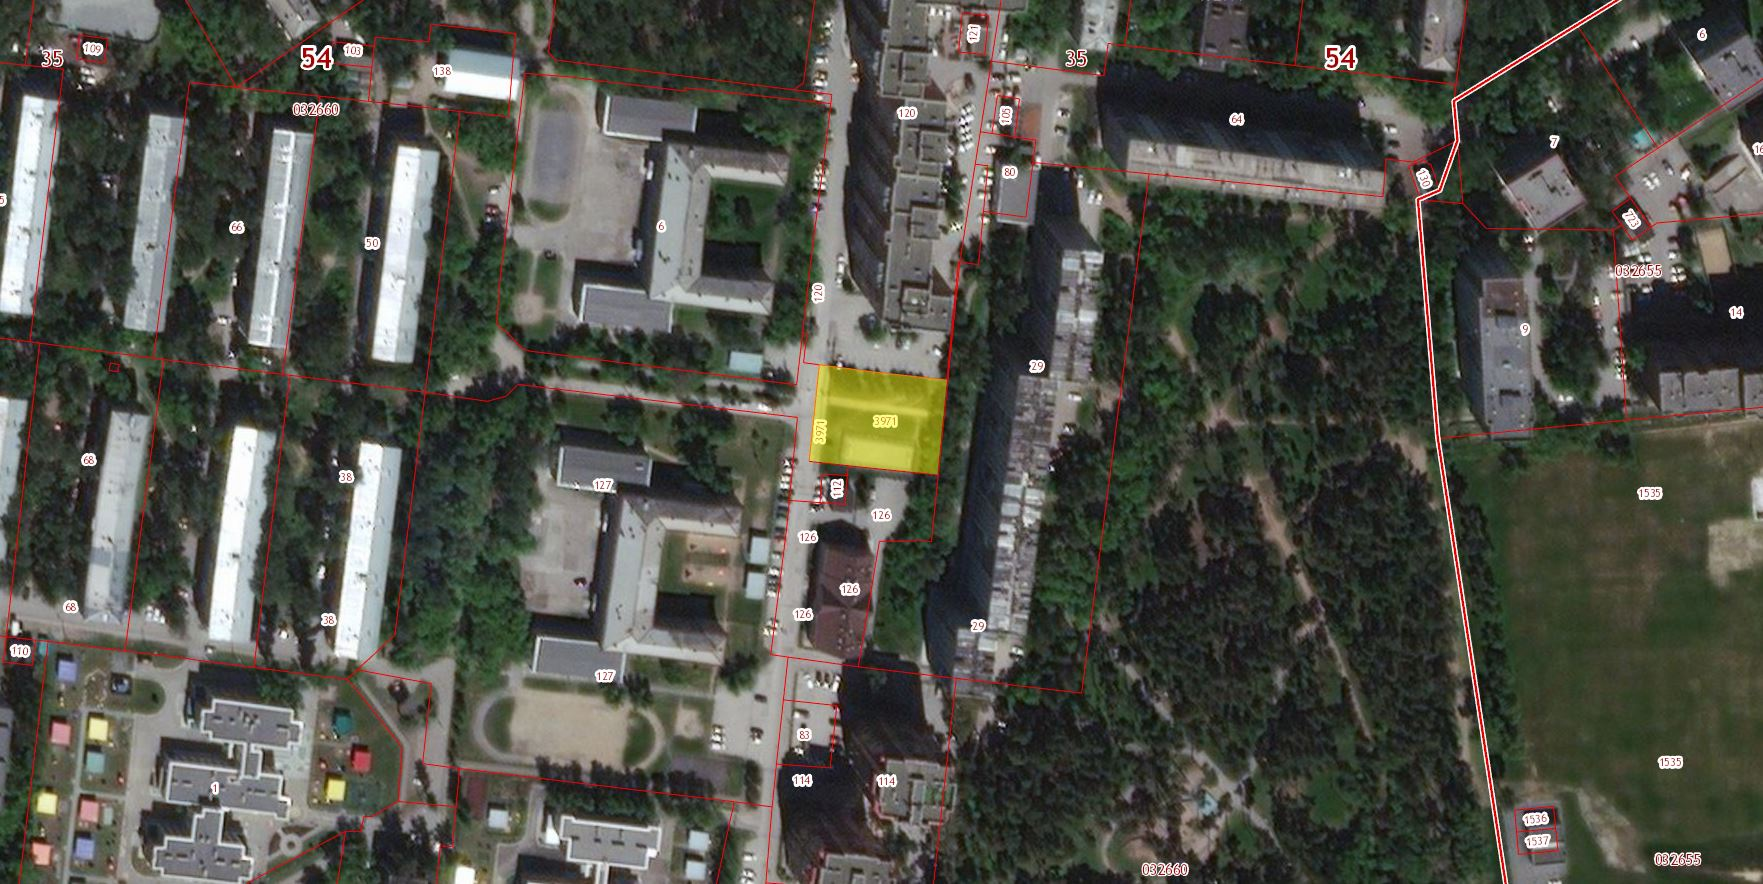 54:35:032660:3971 Новосибирская обл, г. Новосибирск, ул. Тимирязева